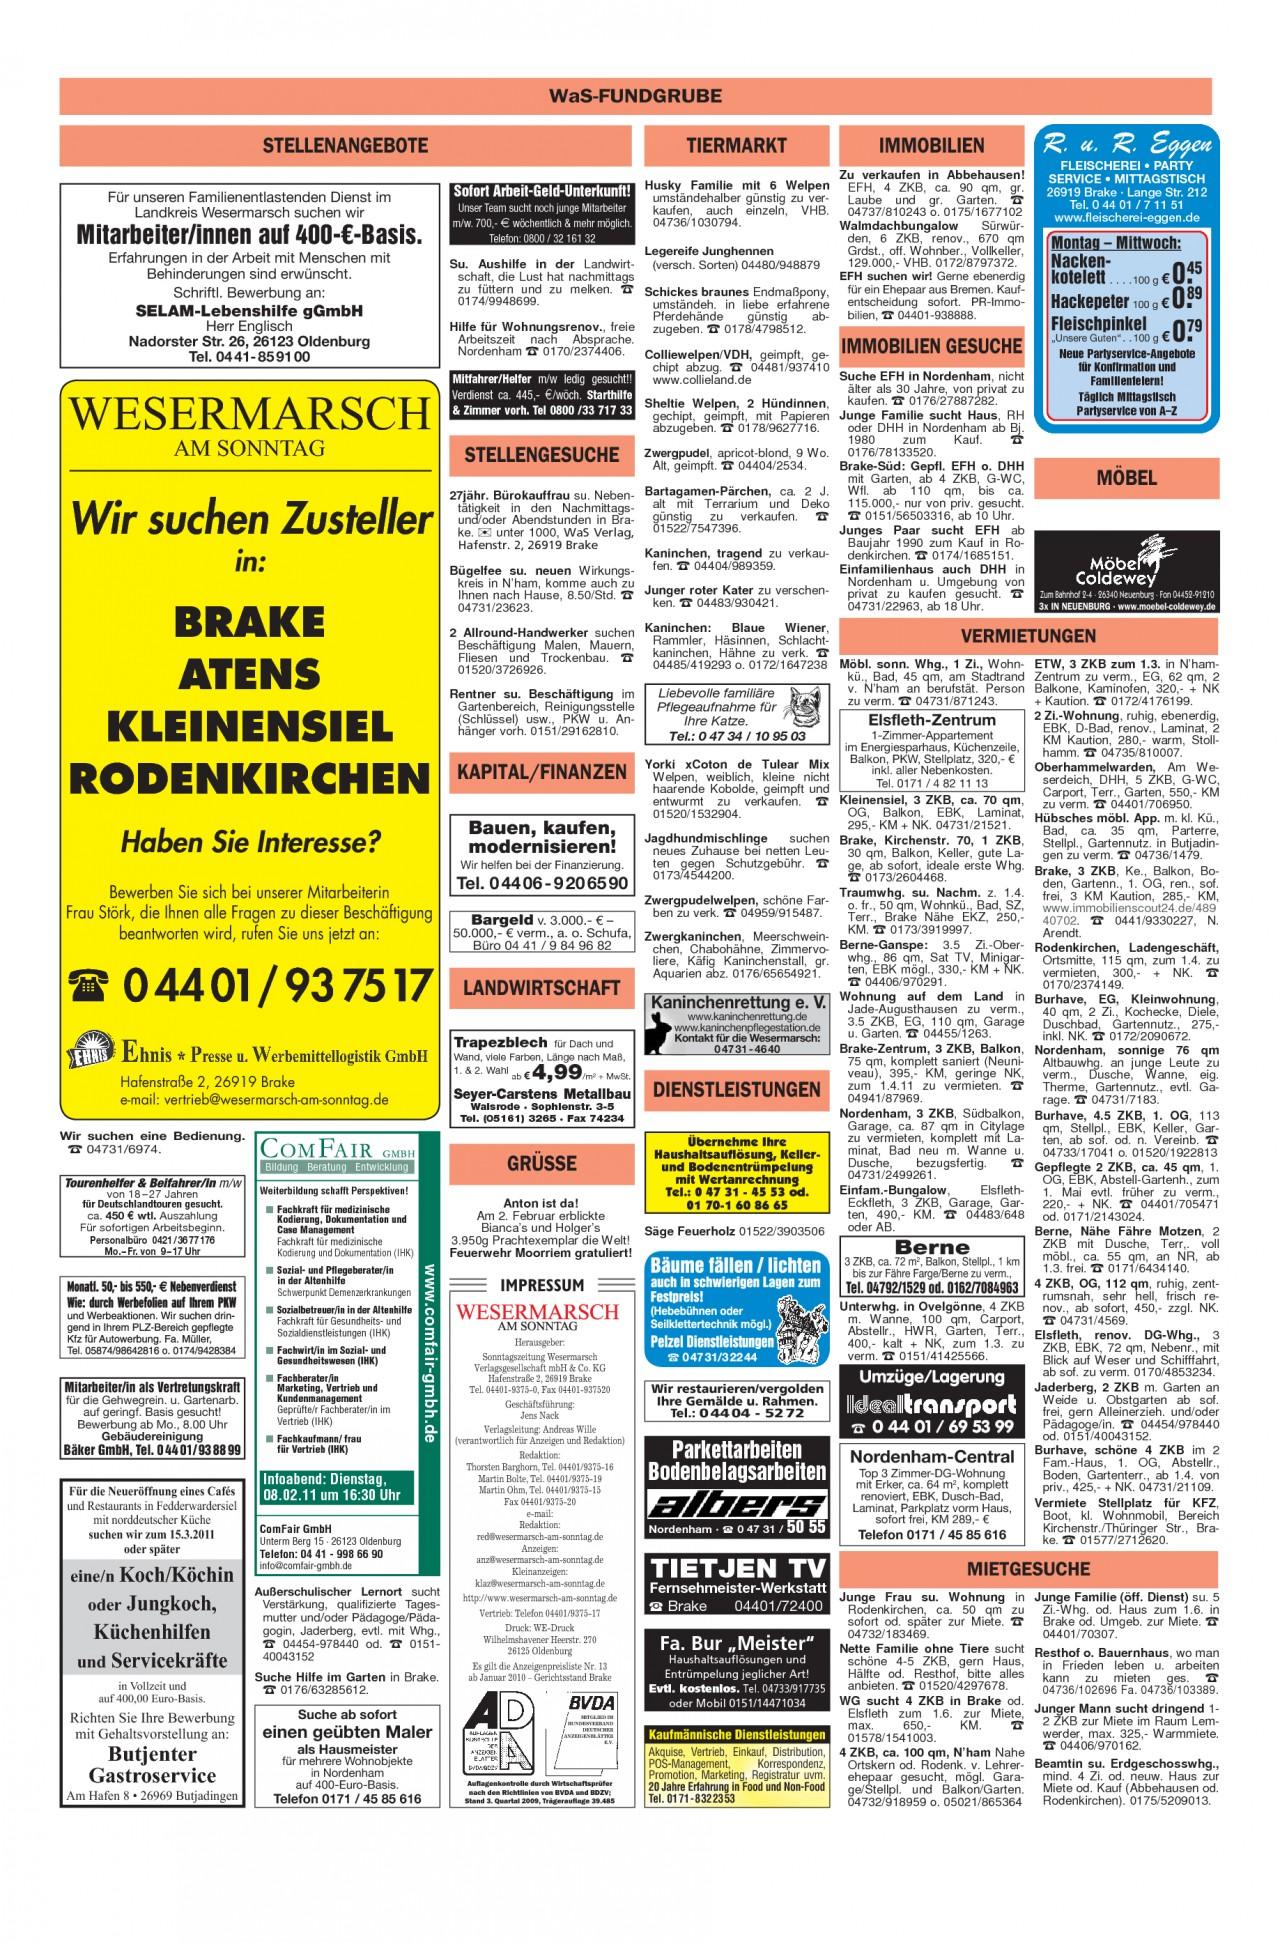 Garten Moorriem Inspirierend Wesermarsch Am sonntag Ausgabe Vom 06 02 2011 Seite 14